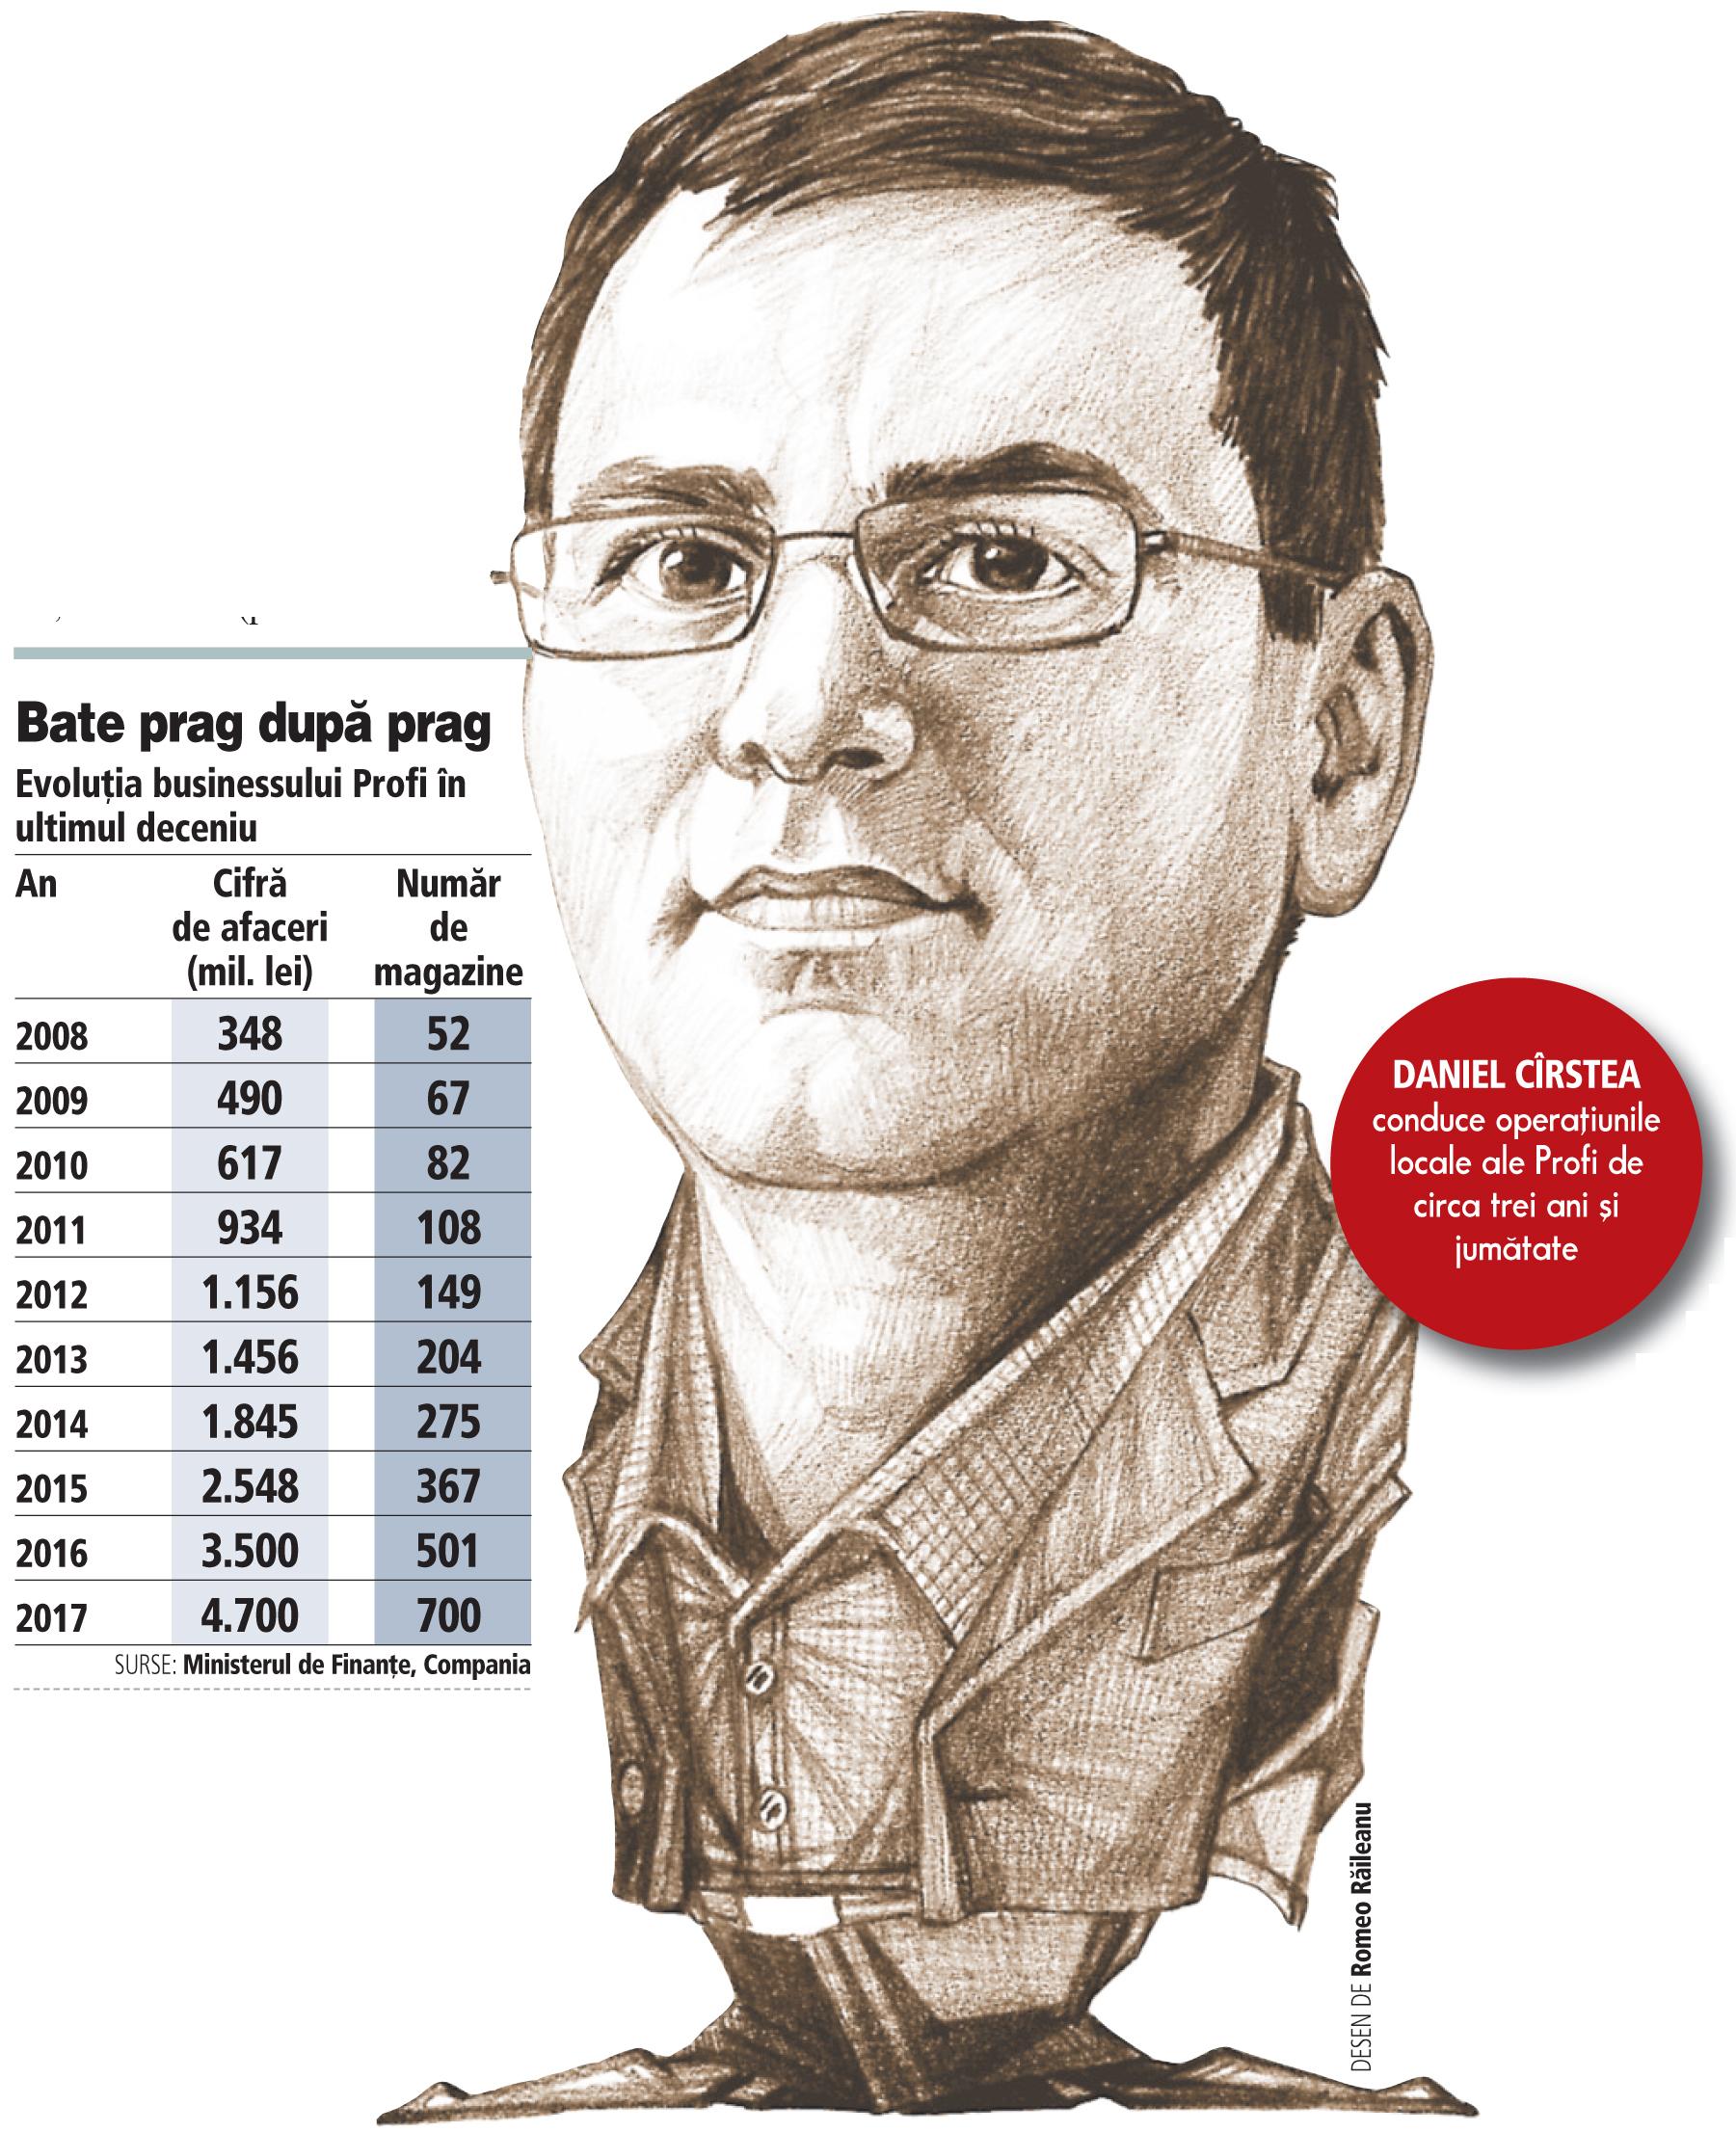 Grafic: Evoluţia businessului Profi în ultimul deceniu